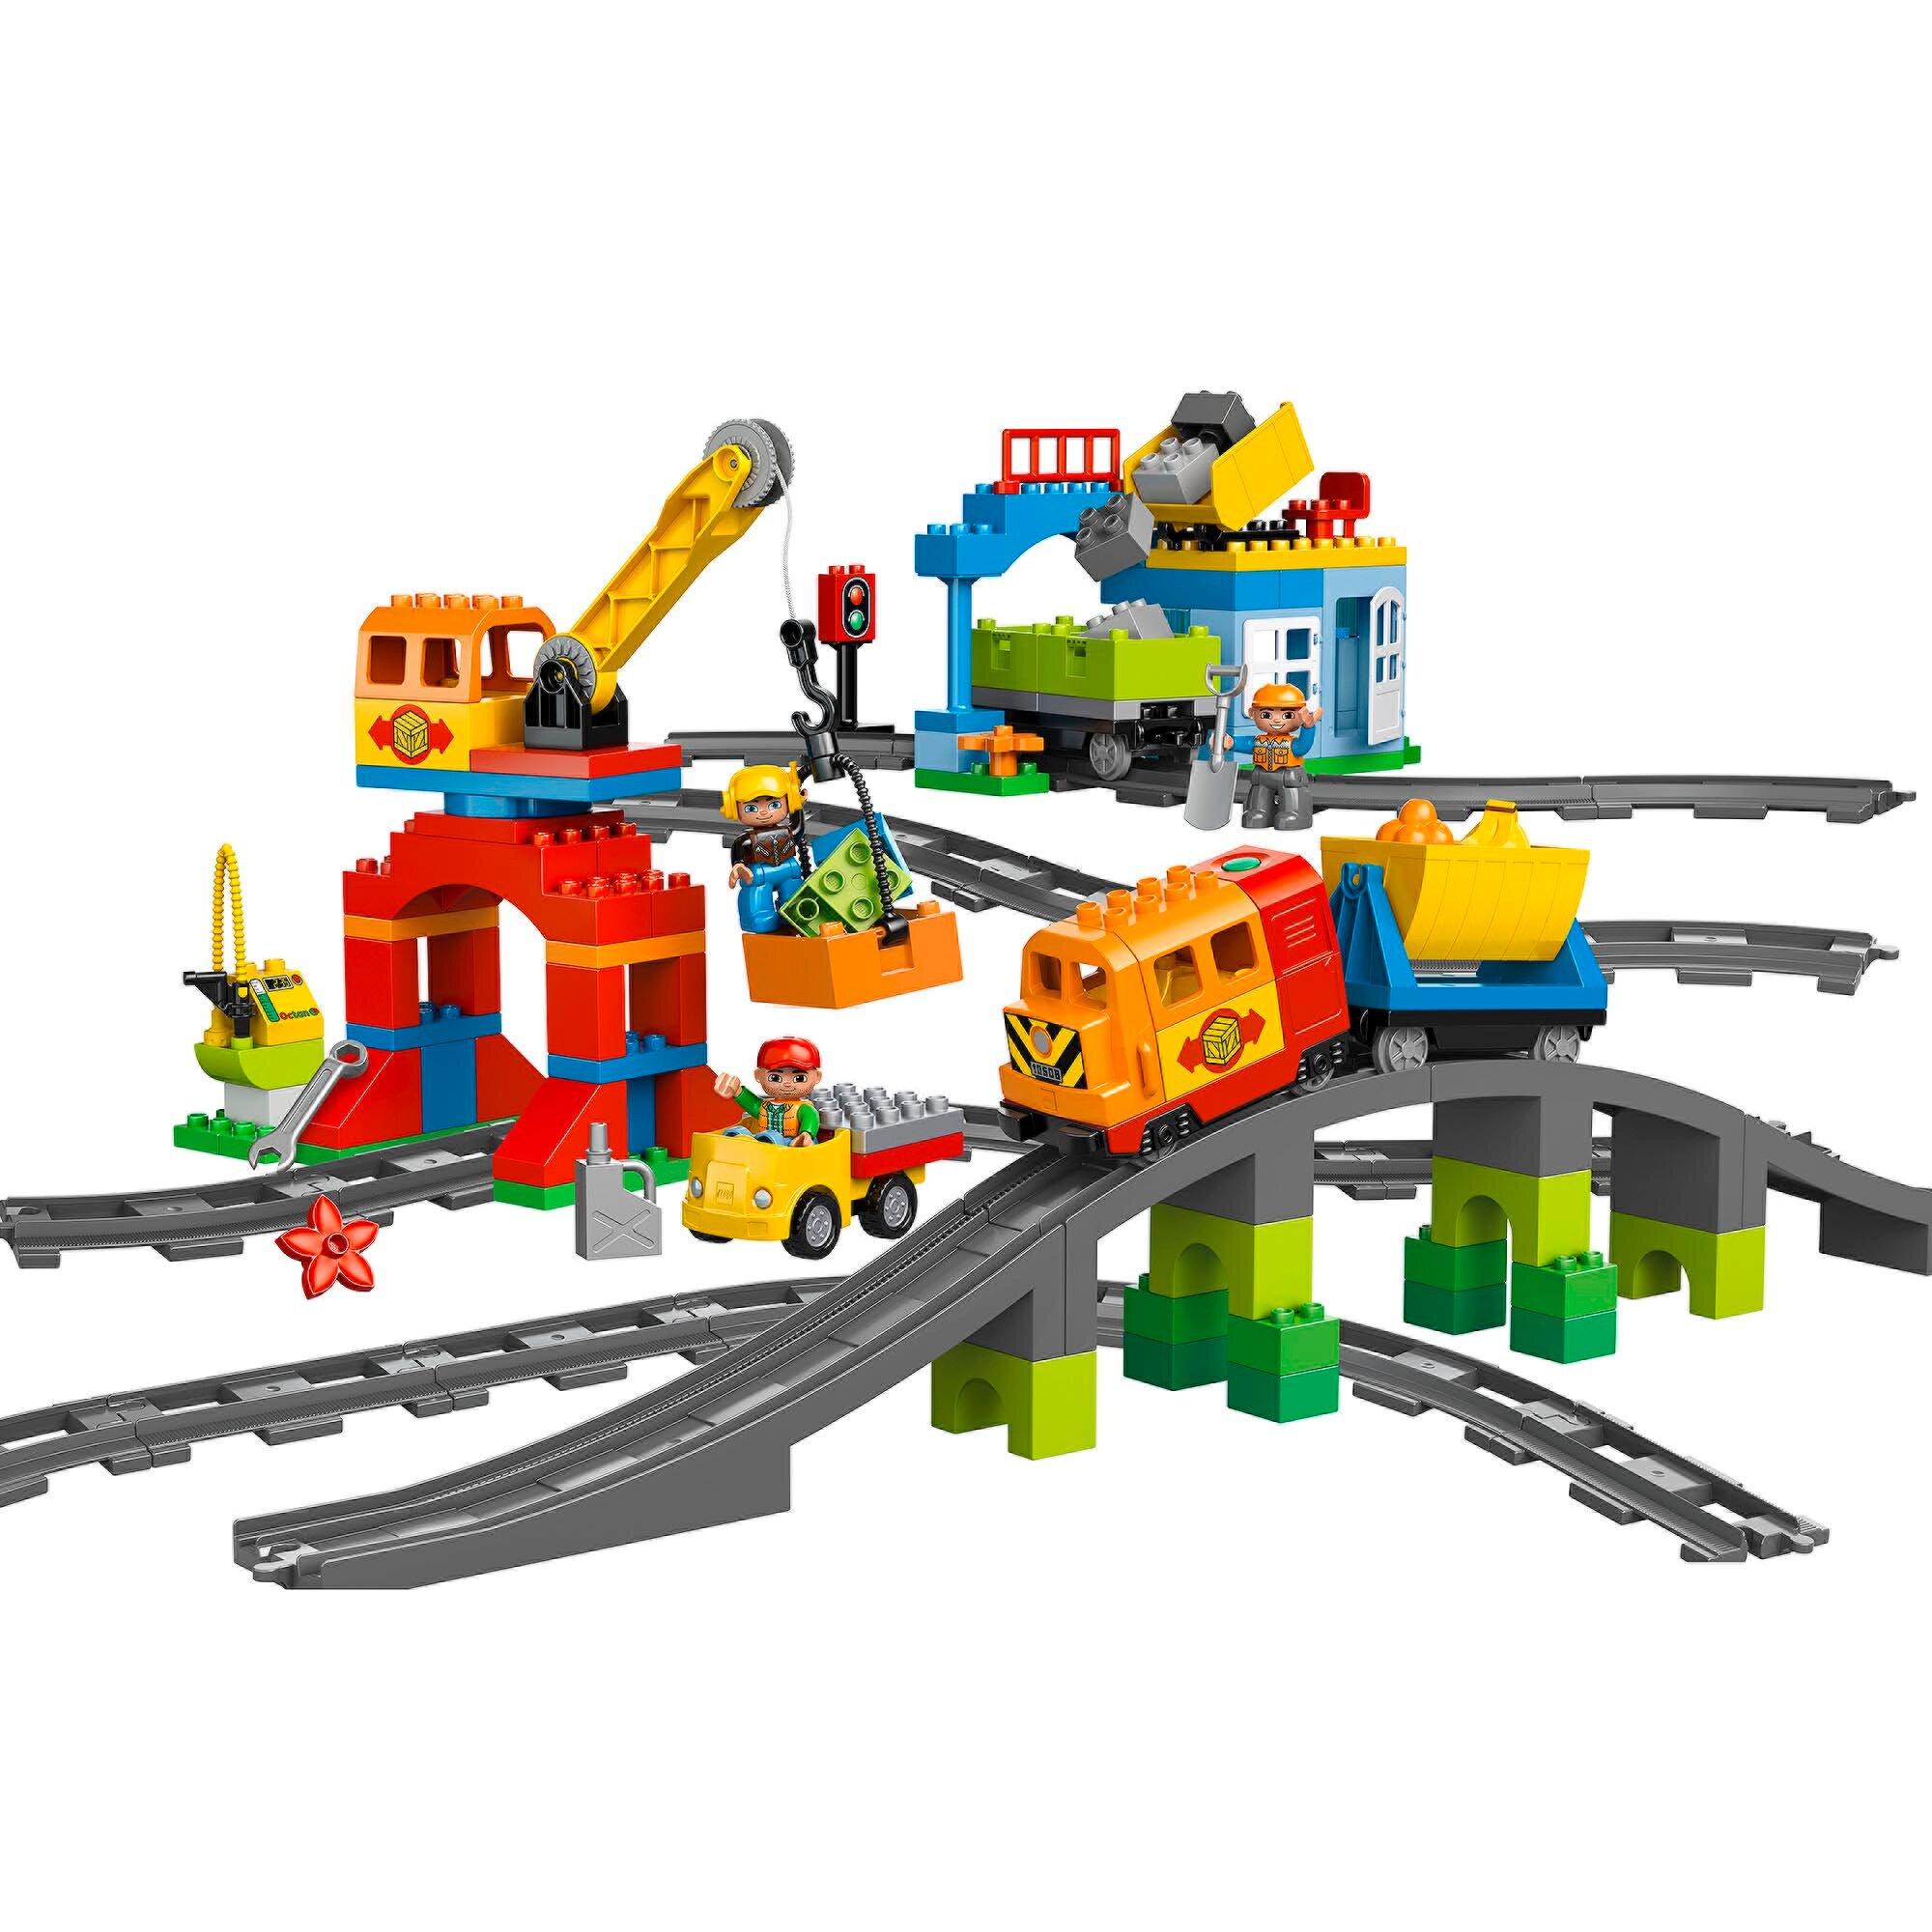 duplo-10508-eisenbahn-super-set